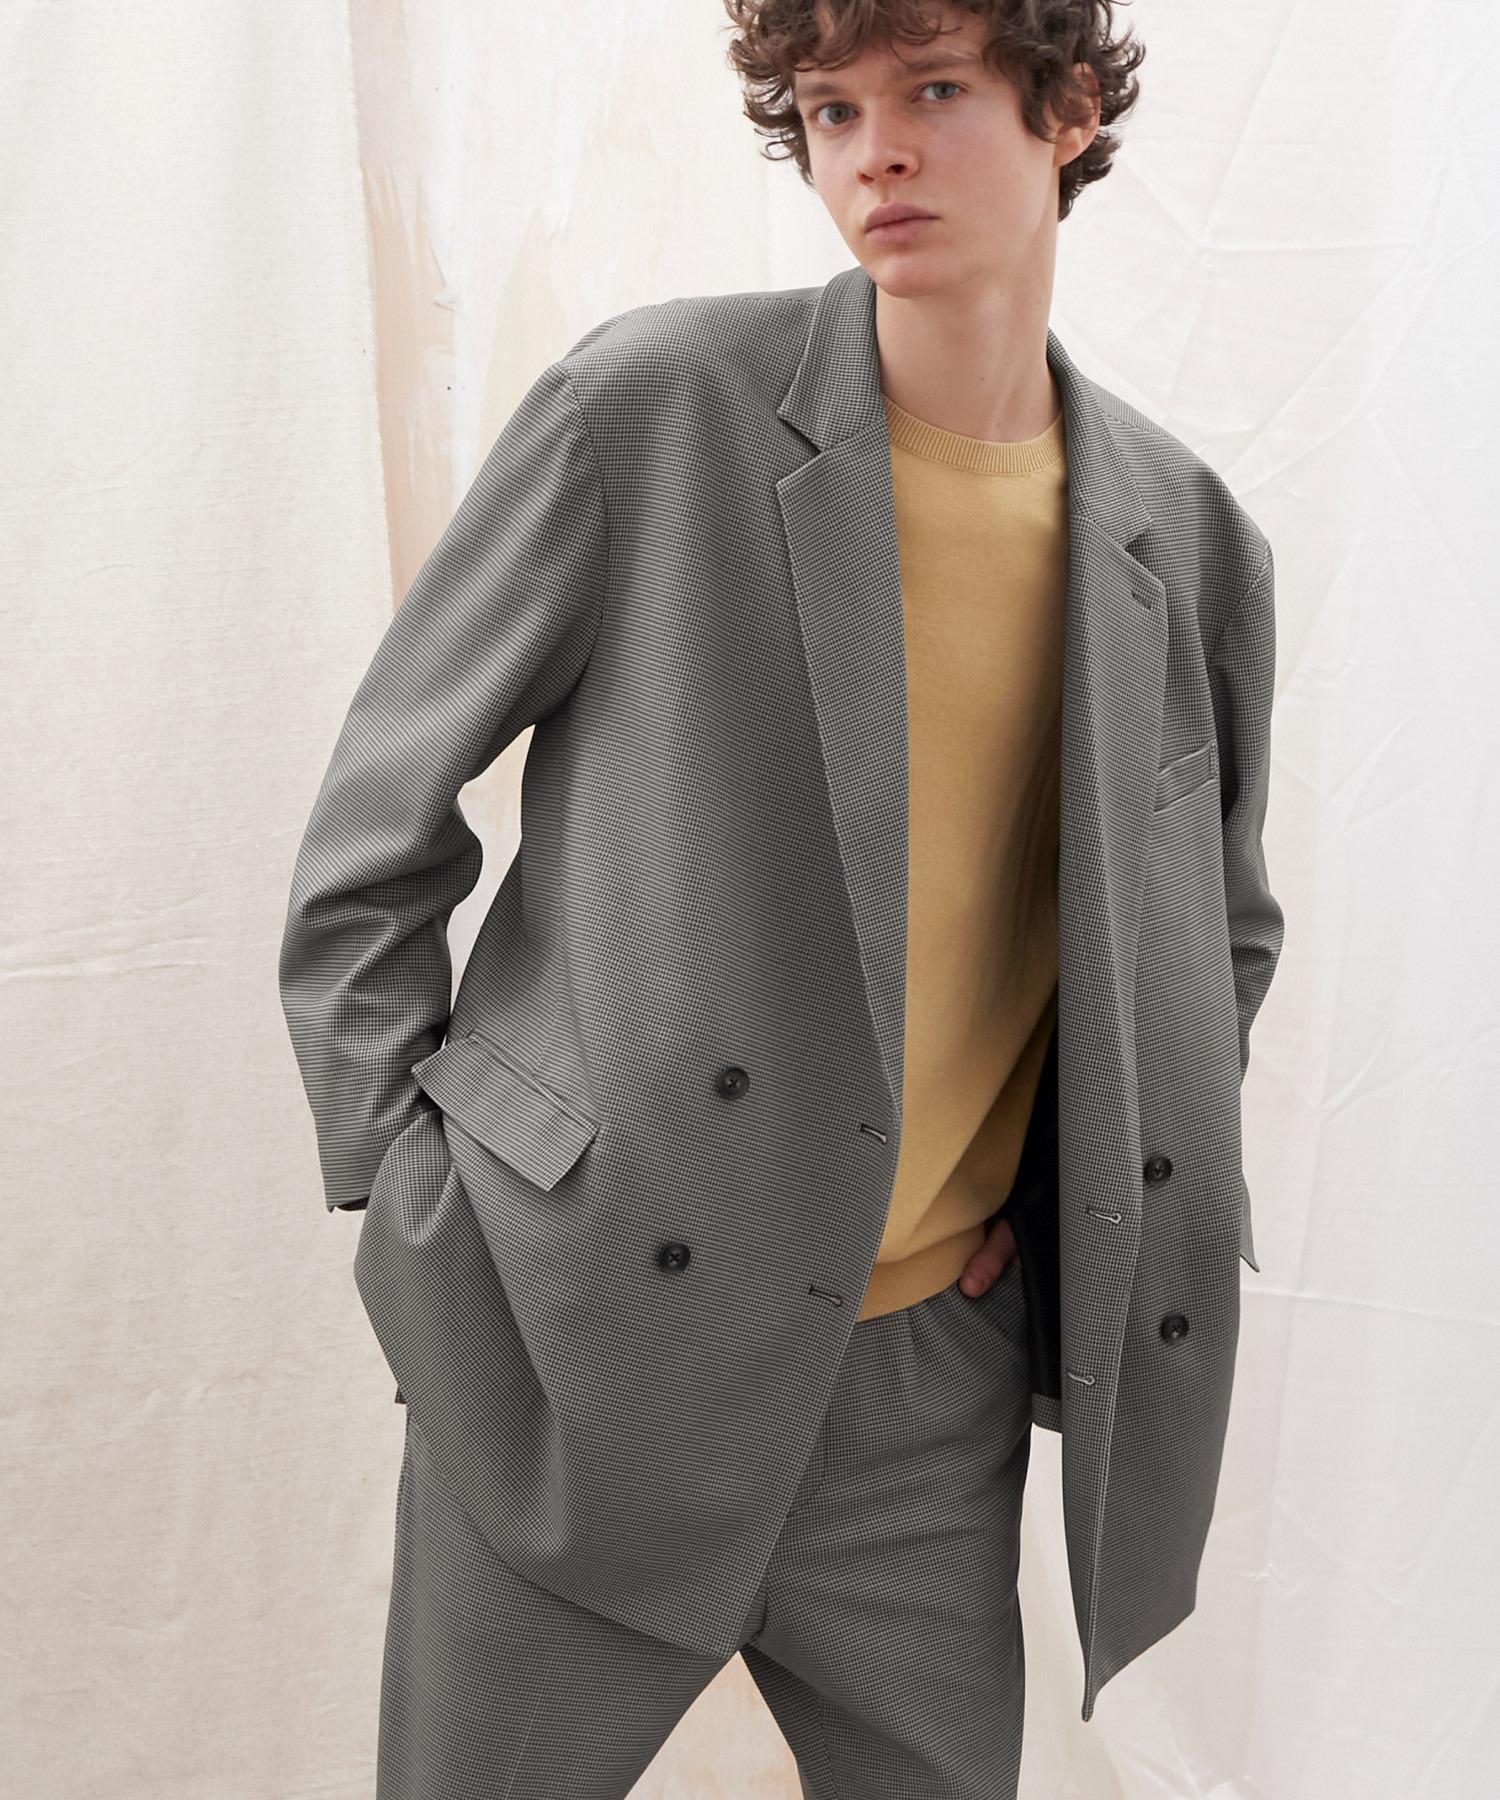 梨地ルーズリラックス ドレープ オーバーサイズ ダブルテーラードジャケット/EMMA CLOTHES 2021S/S